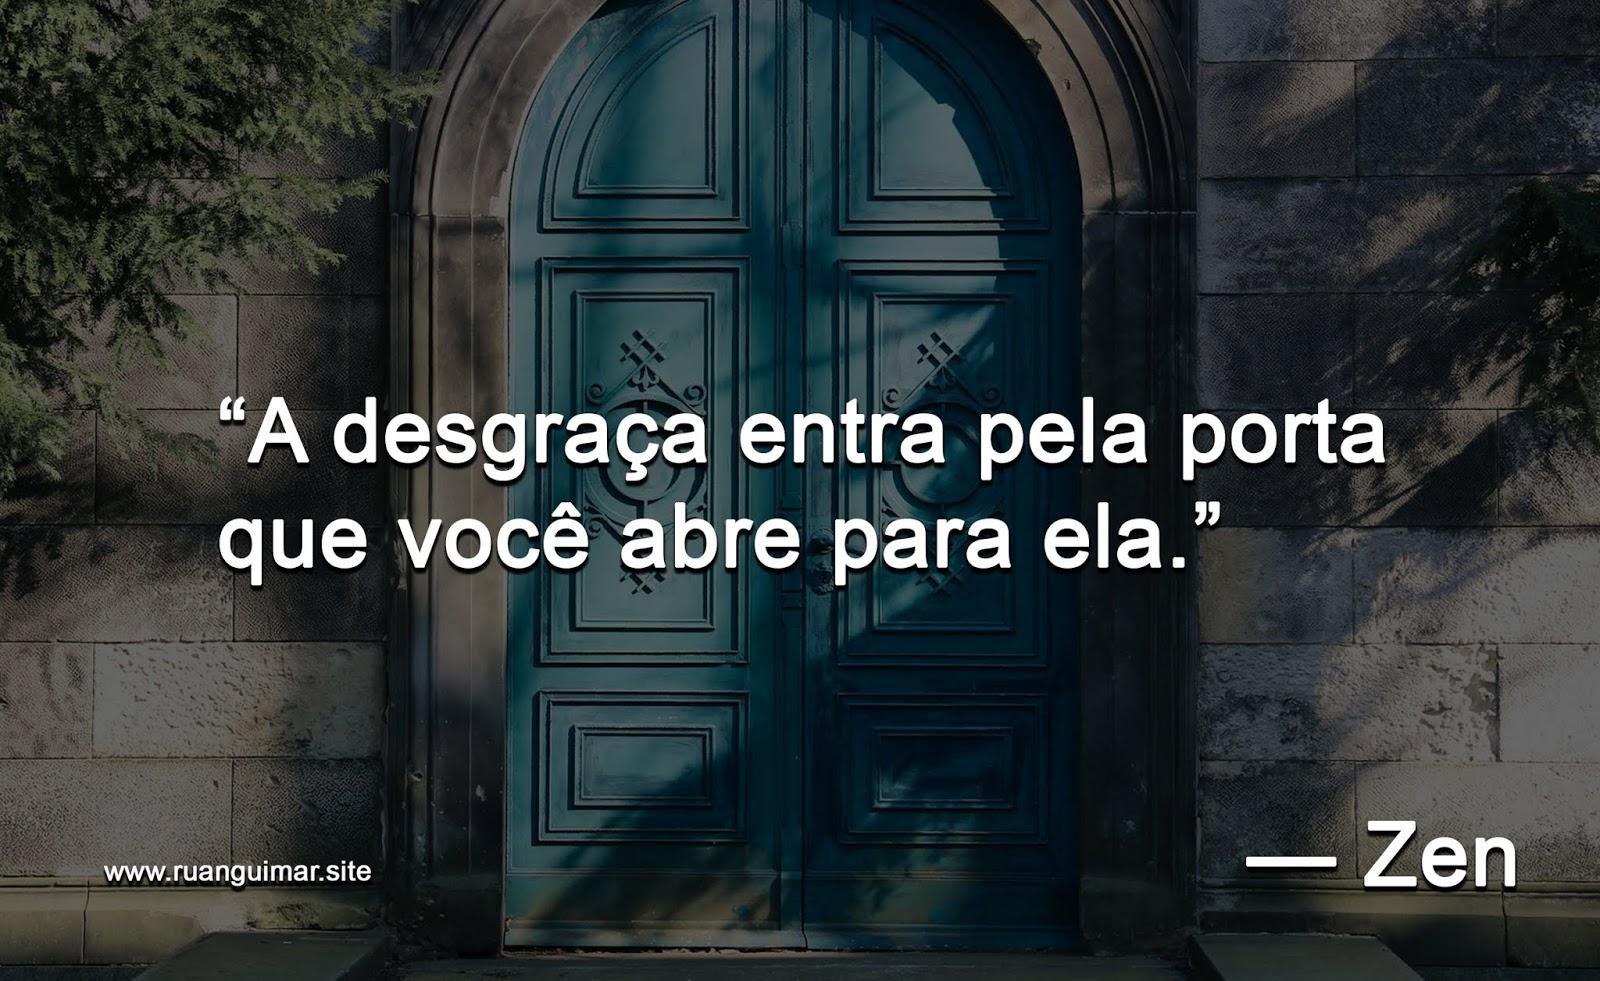 A desgraça entra pela porta que você abre para ela